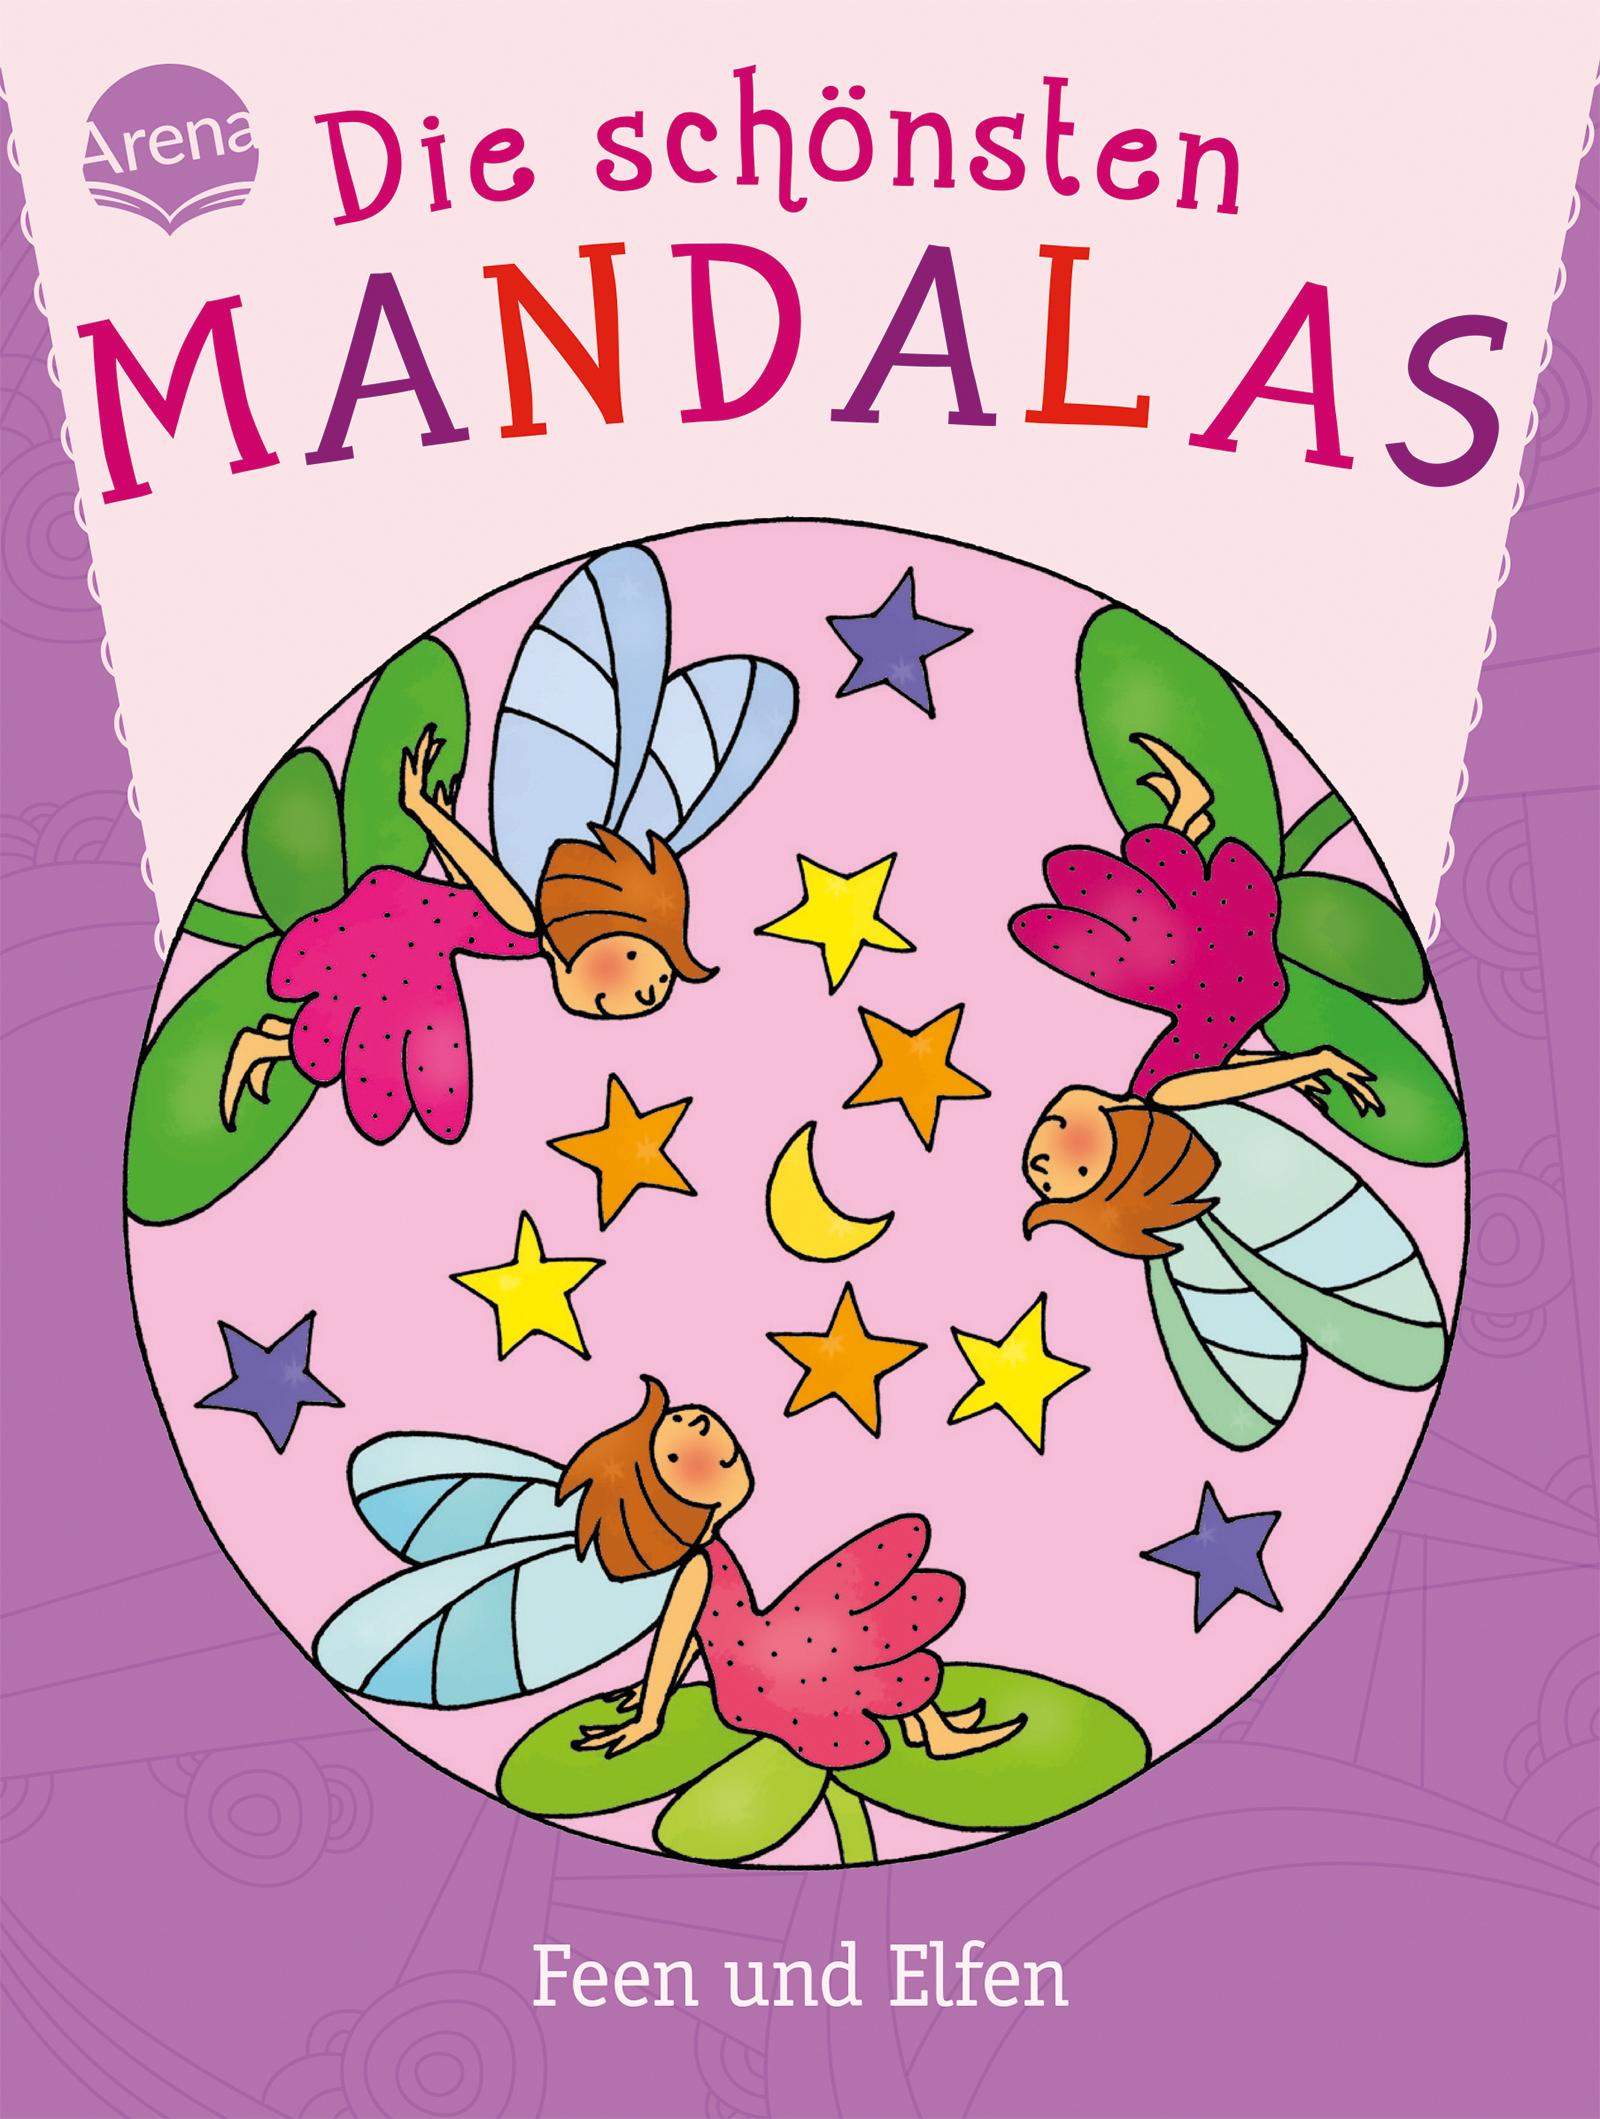 die schönsten mandalas feen und elfen  arena verlag